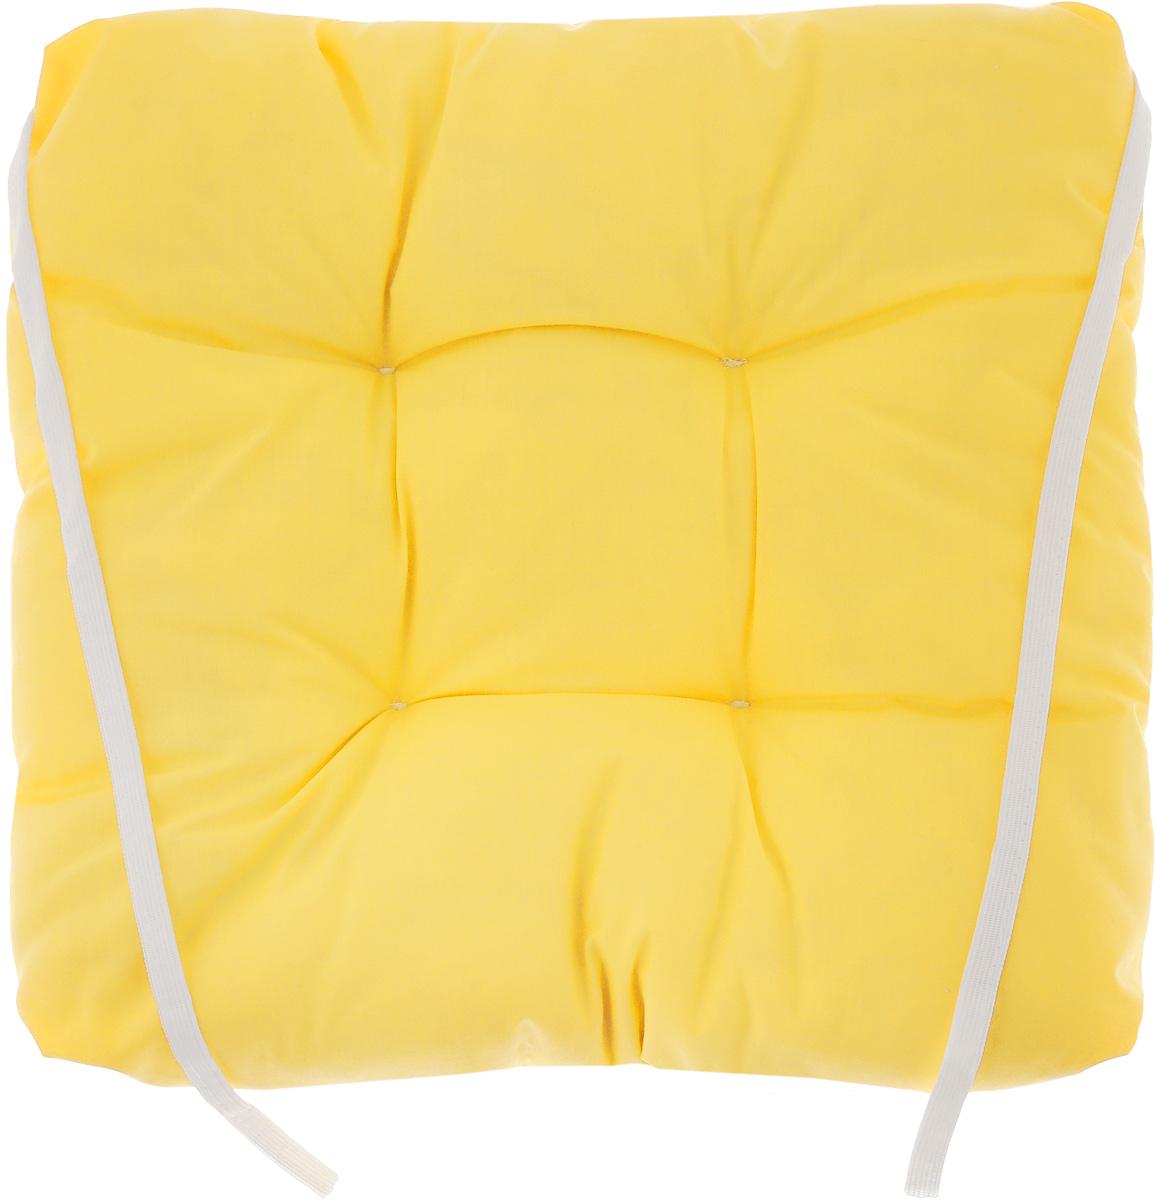 Подушка на стул Eva, объемная, цвет: темно-желтый, 40 х 40 смЕ064_темно-желтыйПодушка Eva, изготовленная из хлопка, прослужит вам не один десяток лет. Внутри - мягкий наполнитель из полиэстера. Стежка надежно удерживает наполнитель внутри и не позволяет ему скатываться. Подушка легко крепится на стул с помощью завязок. Правильно сидеть - значит сохранить здоровье на долгие годы. Жесткие сидения подвергают наше здоровье опасности. Подушка с наполнителем из полиэстера поможет предотвратить многие беды, которыми грозит сидячий образ жизни.